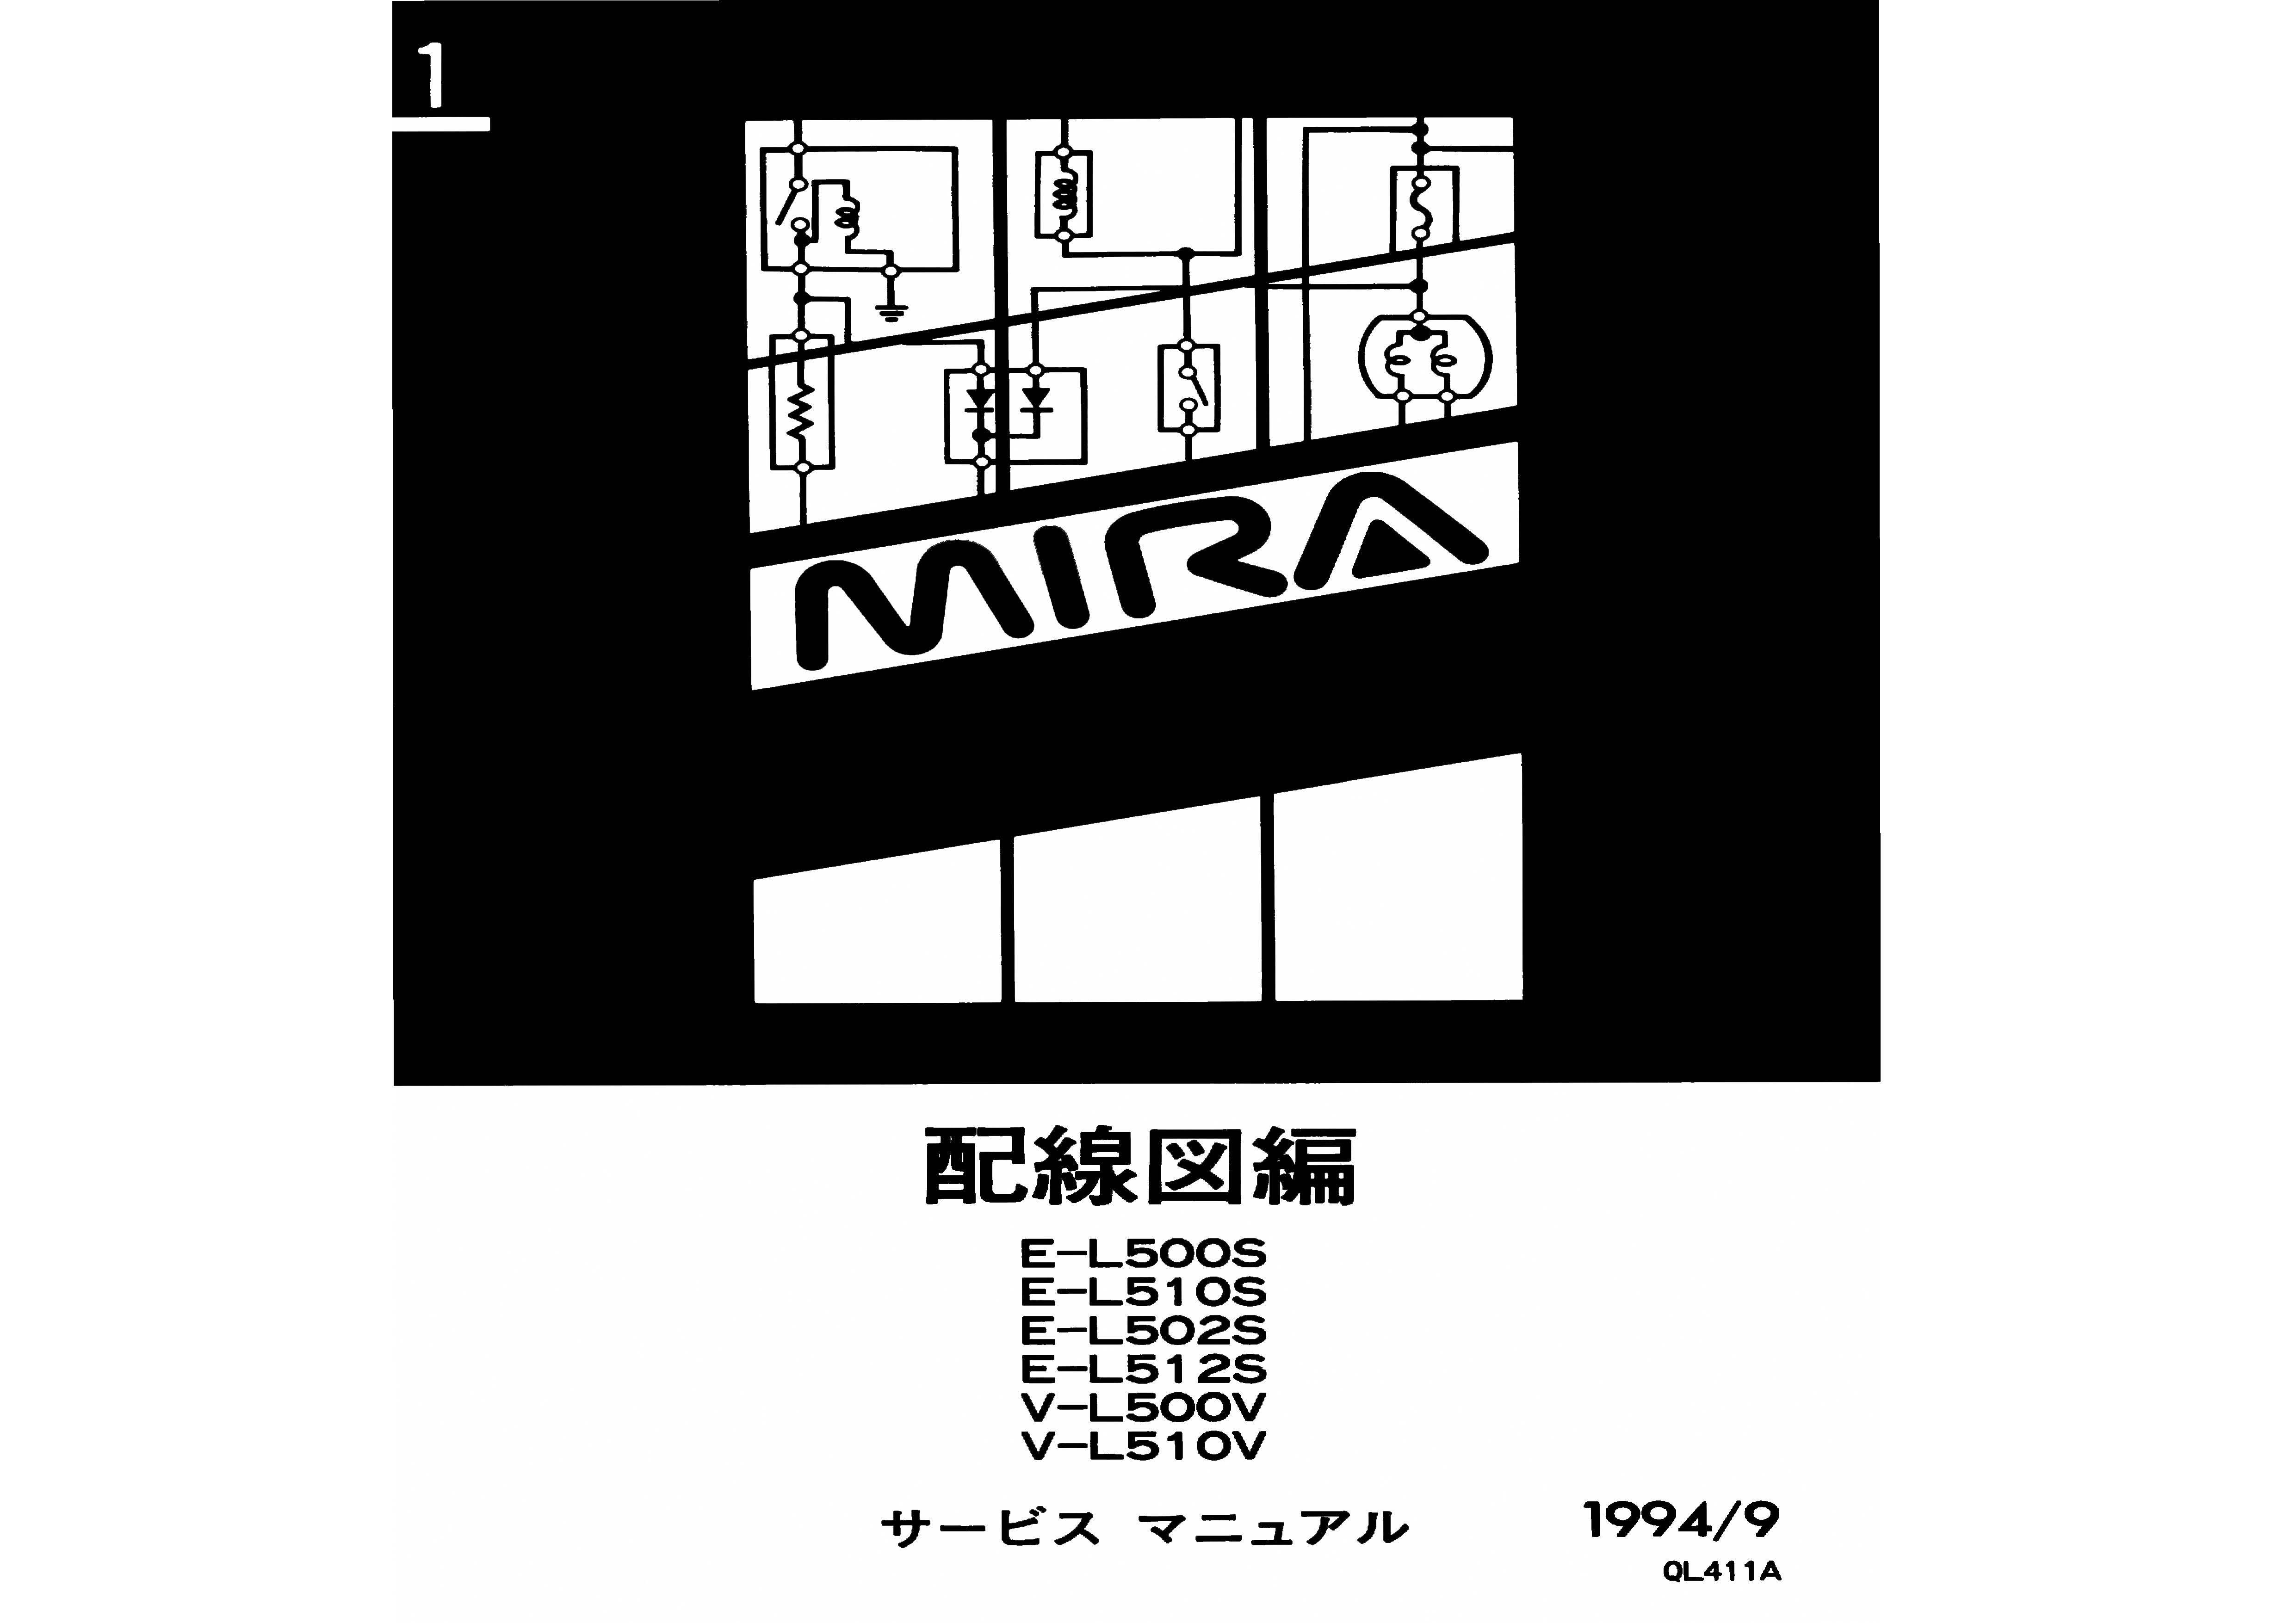 daihatsu yrv fuse box everything you need to know about wiring rh newsnanalysis co daihatsu terios 2007 fuse box diagram daihatsu terios fuse box layout